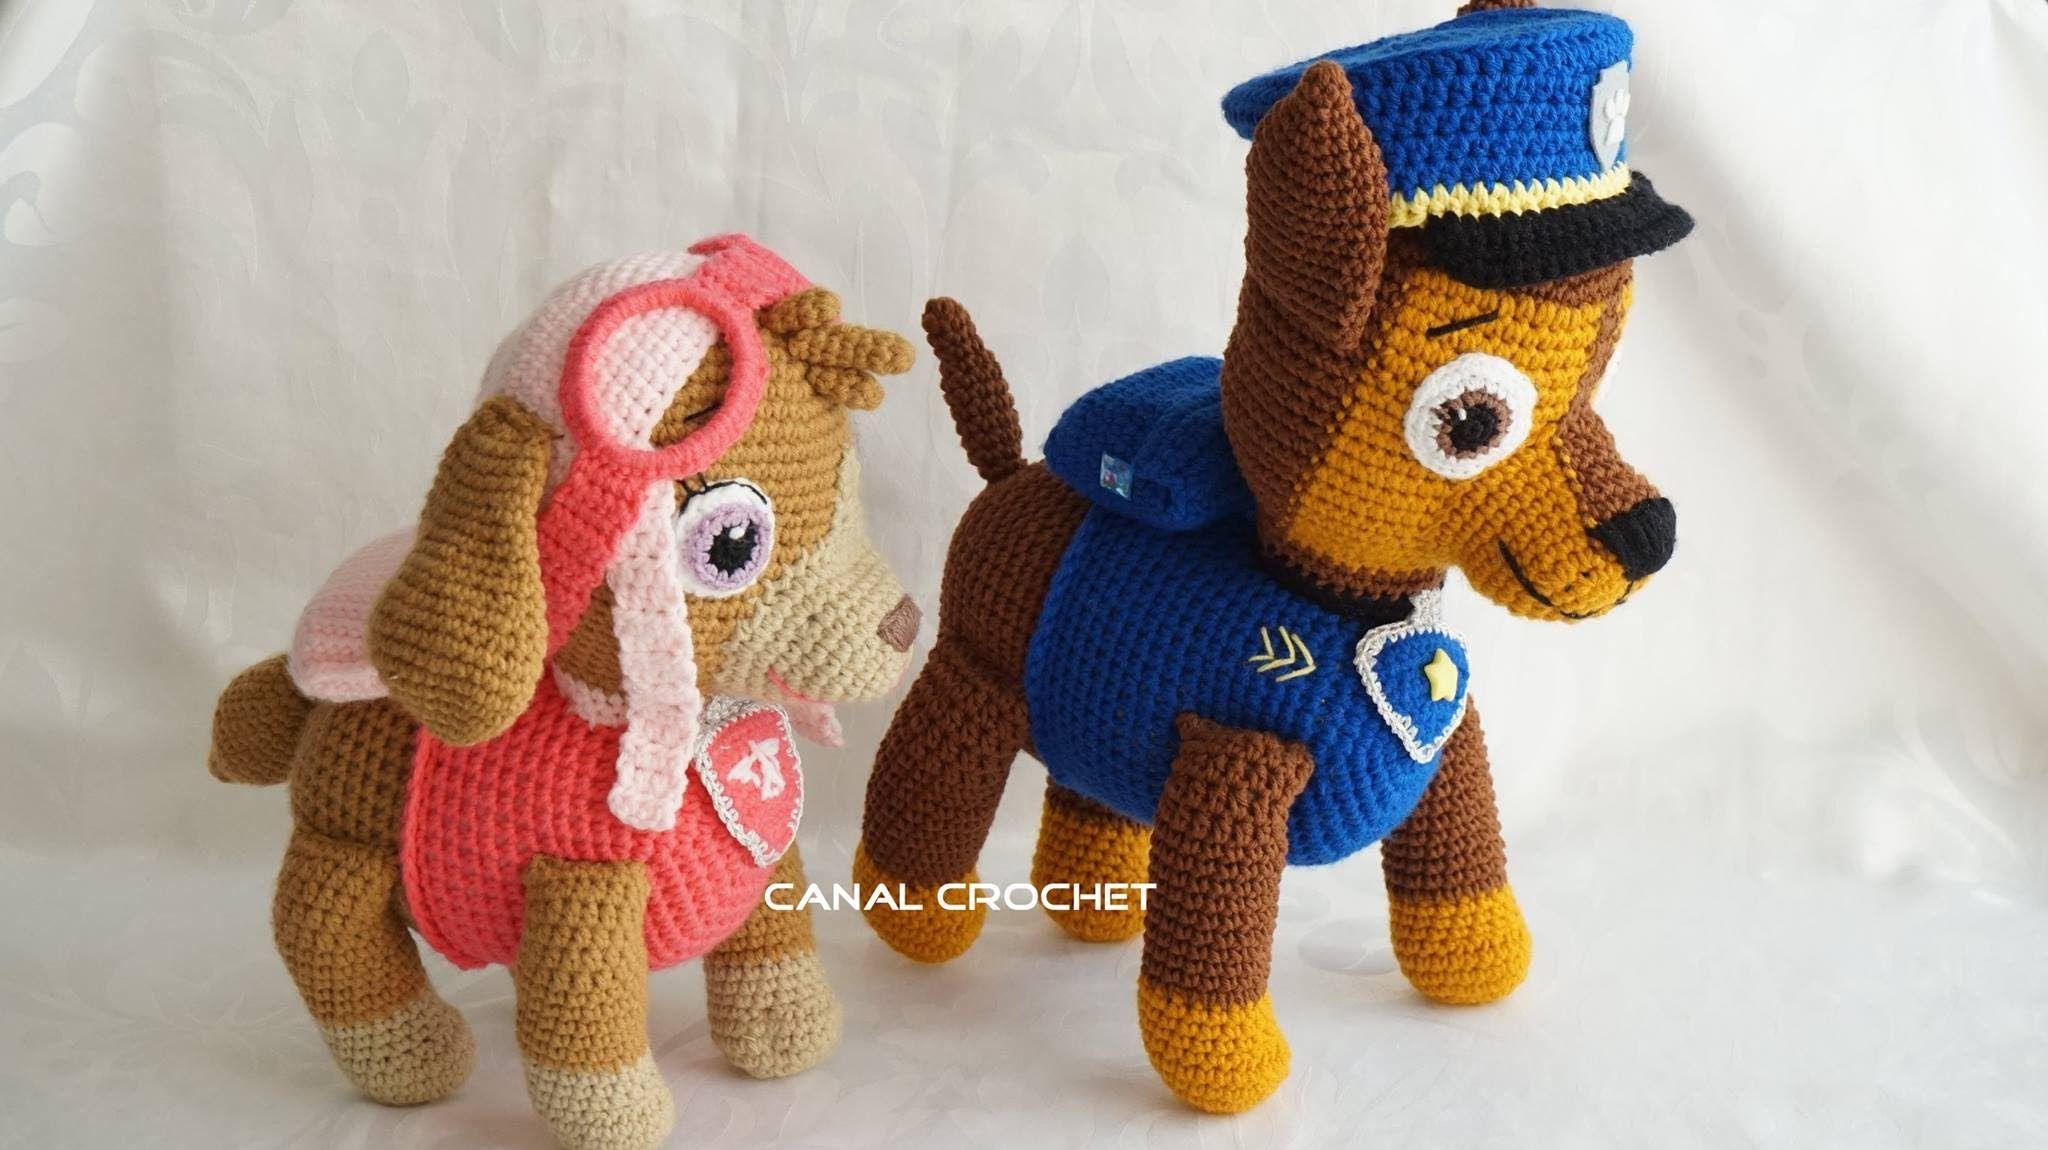 Amigurumilacion : Facebook: https: www.facebook.com canal crochet 1166416096719575